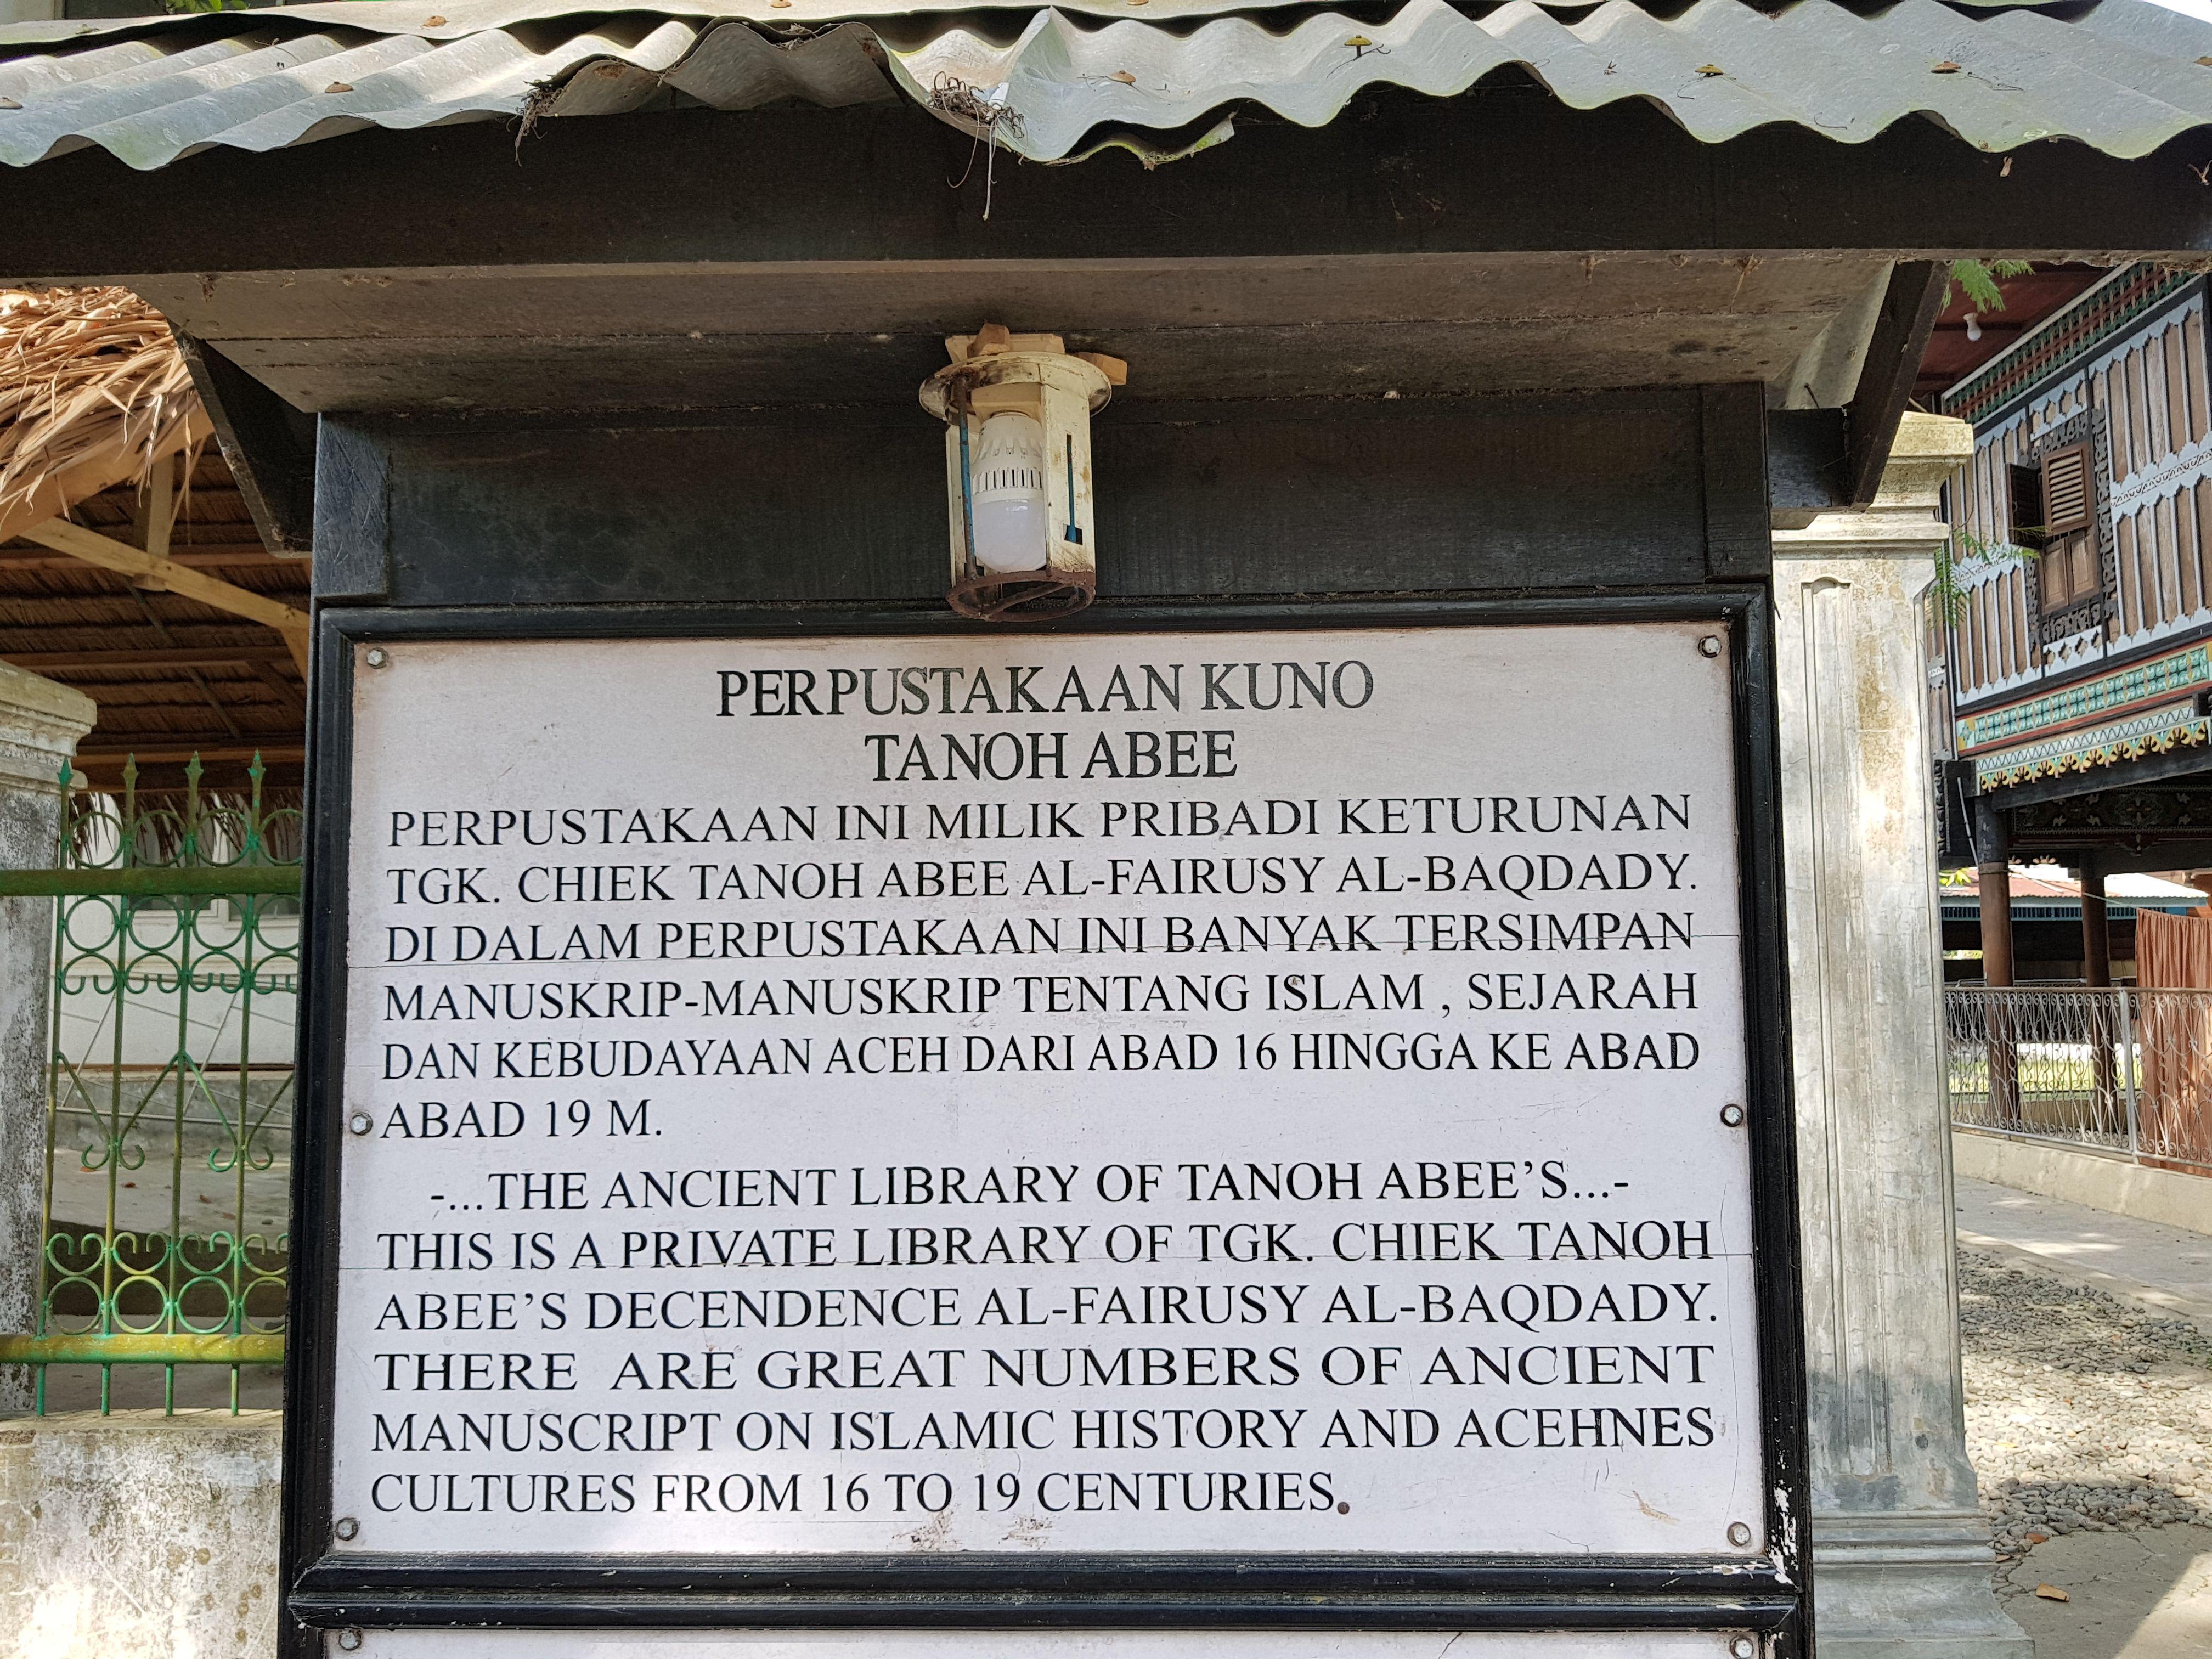 Perpustakaan Tanoh Abee | Sumber dok: Steemit